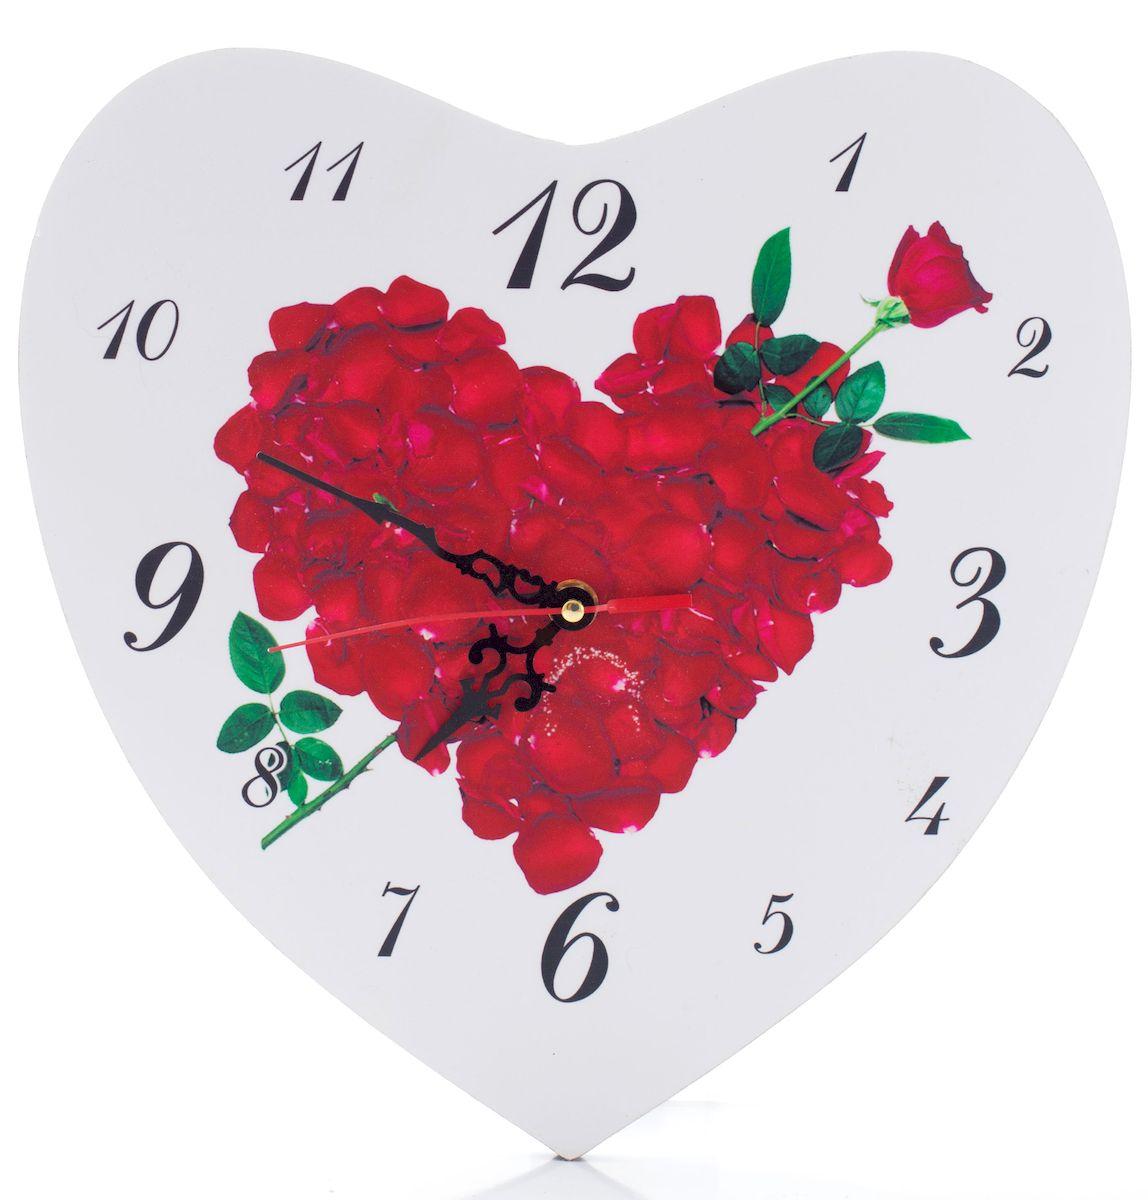 Часы настенные Русские Подарки Сердце, диаметр 30 см. 38244V4140/1SНастенные кварцевые часы Русские Подарки Сердце изготовлены из МДФ. Корпус оригинально оформлен в виде сердечка. Часы имеют три стрелки - часовую, минутную и секундную. С обратной стороны имеетсяпетелька для подвешивания на стену. Такие часы красиво и необычно оформят интерьер дома или офиса. Также часы могут стать уникальным, полезным подарком для родственников, коллег, знакомых и близких.Часы работают от батареек типа АА (в комплект не входят).